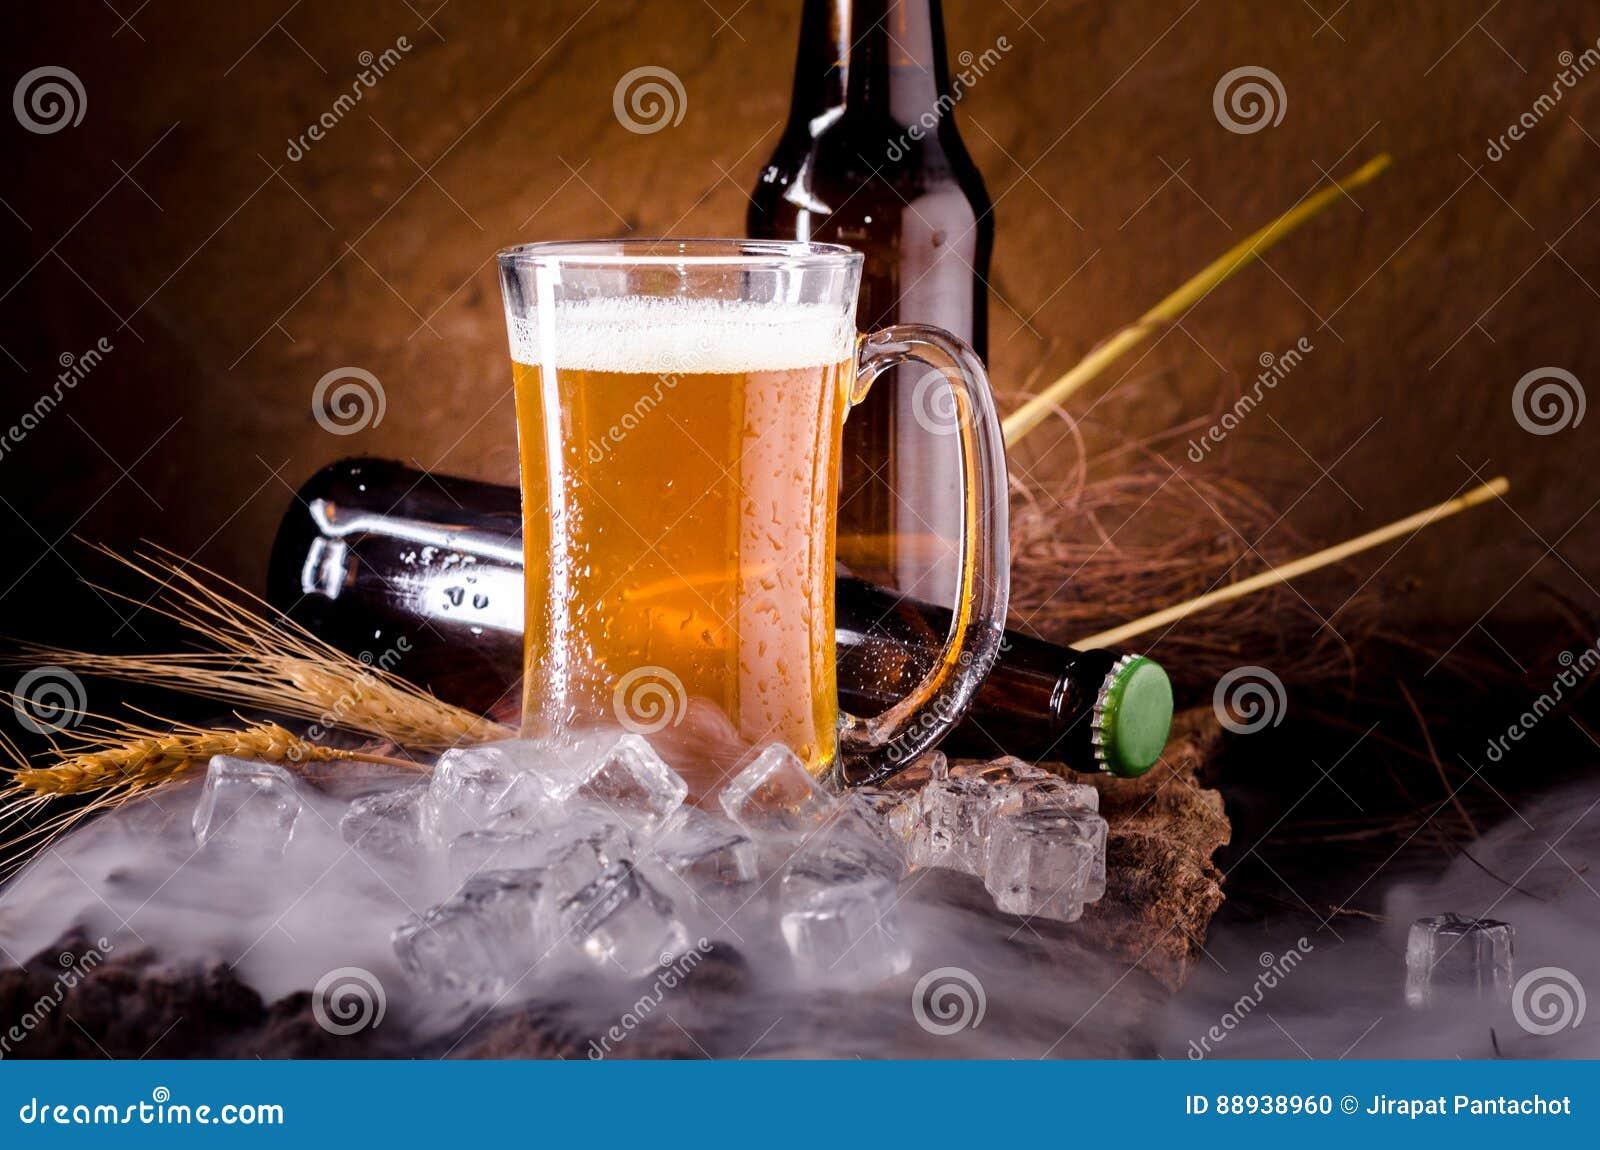 Stillleben Mit Bier Und Fassbier Mit Eis Durch Das Glas Stockfoto ...